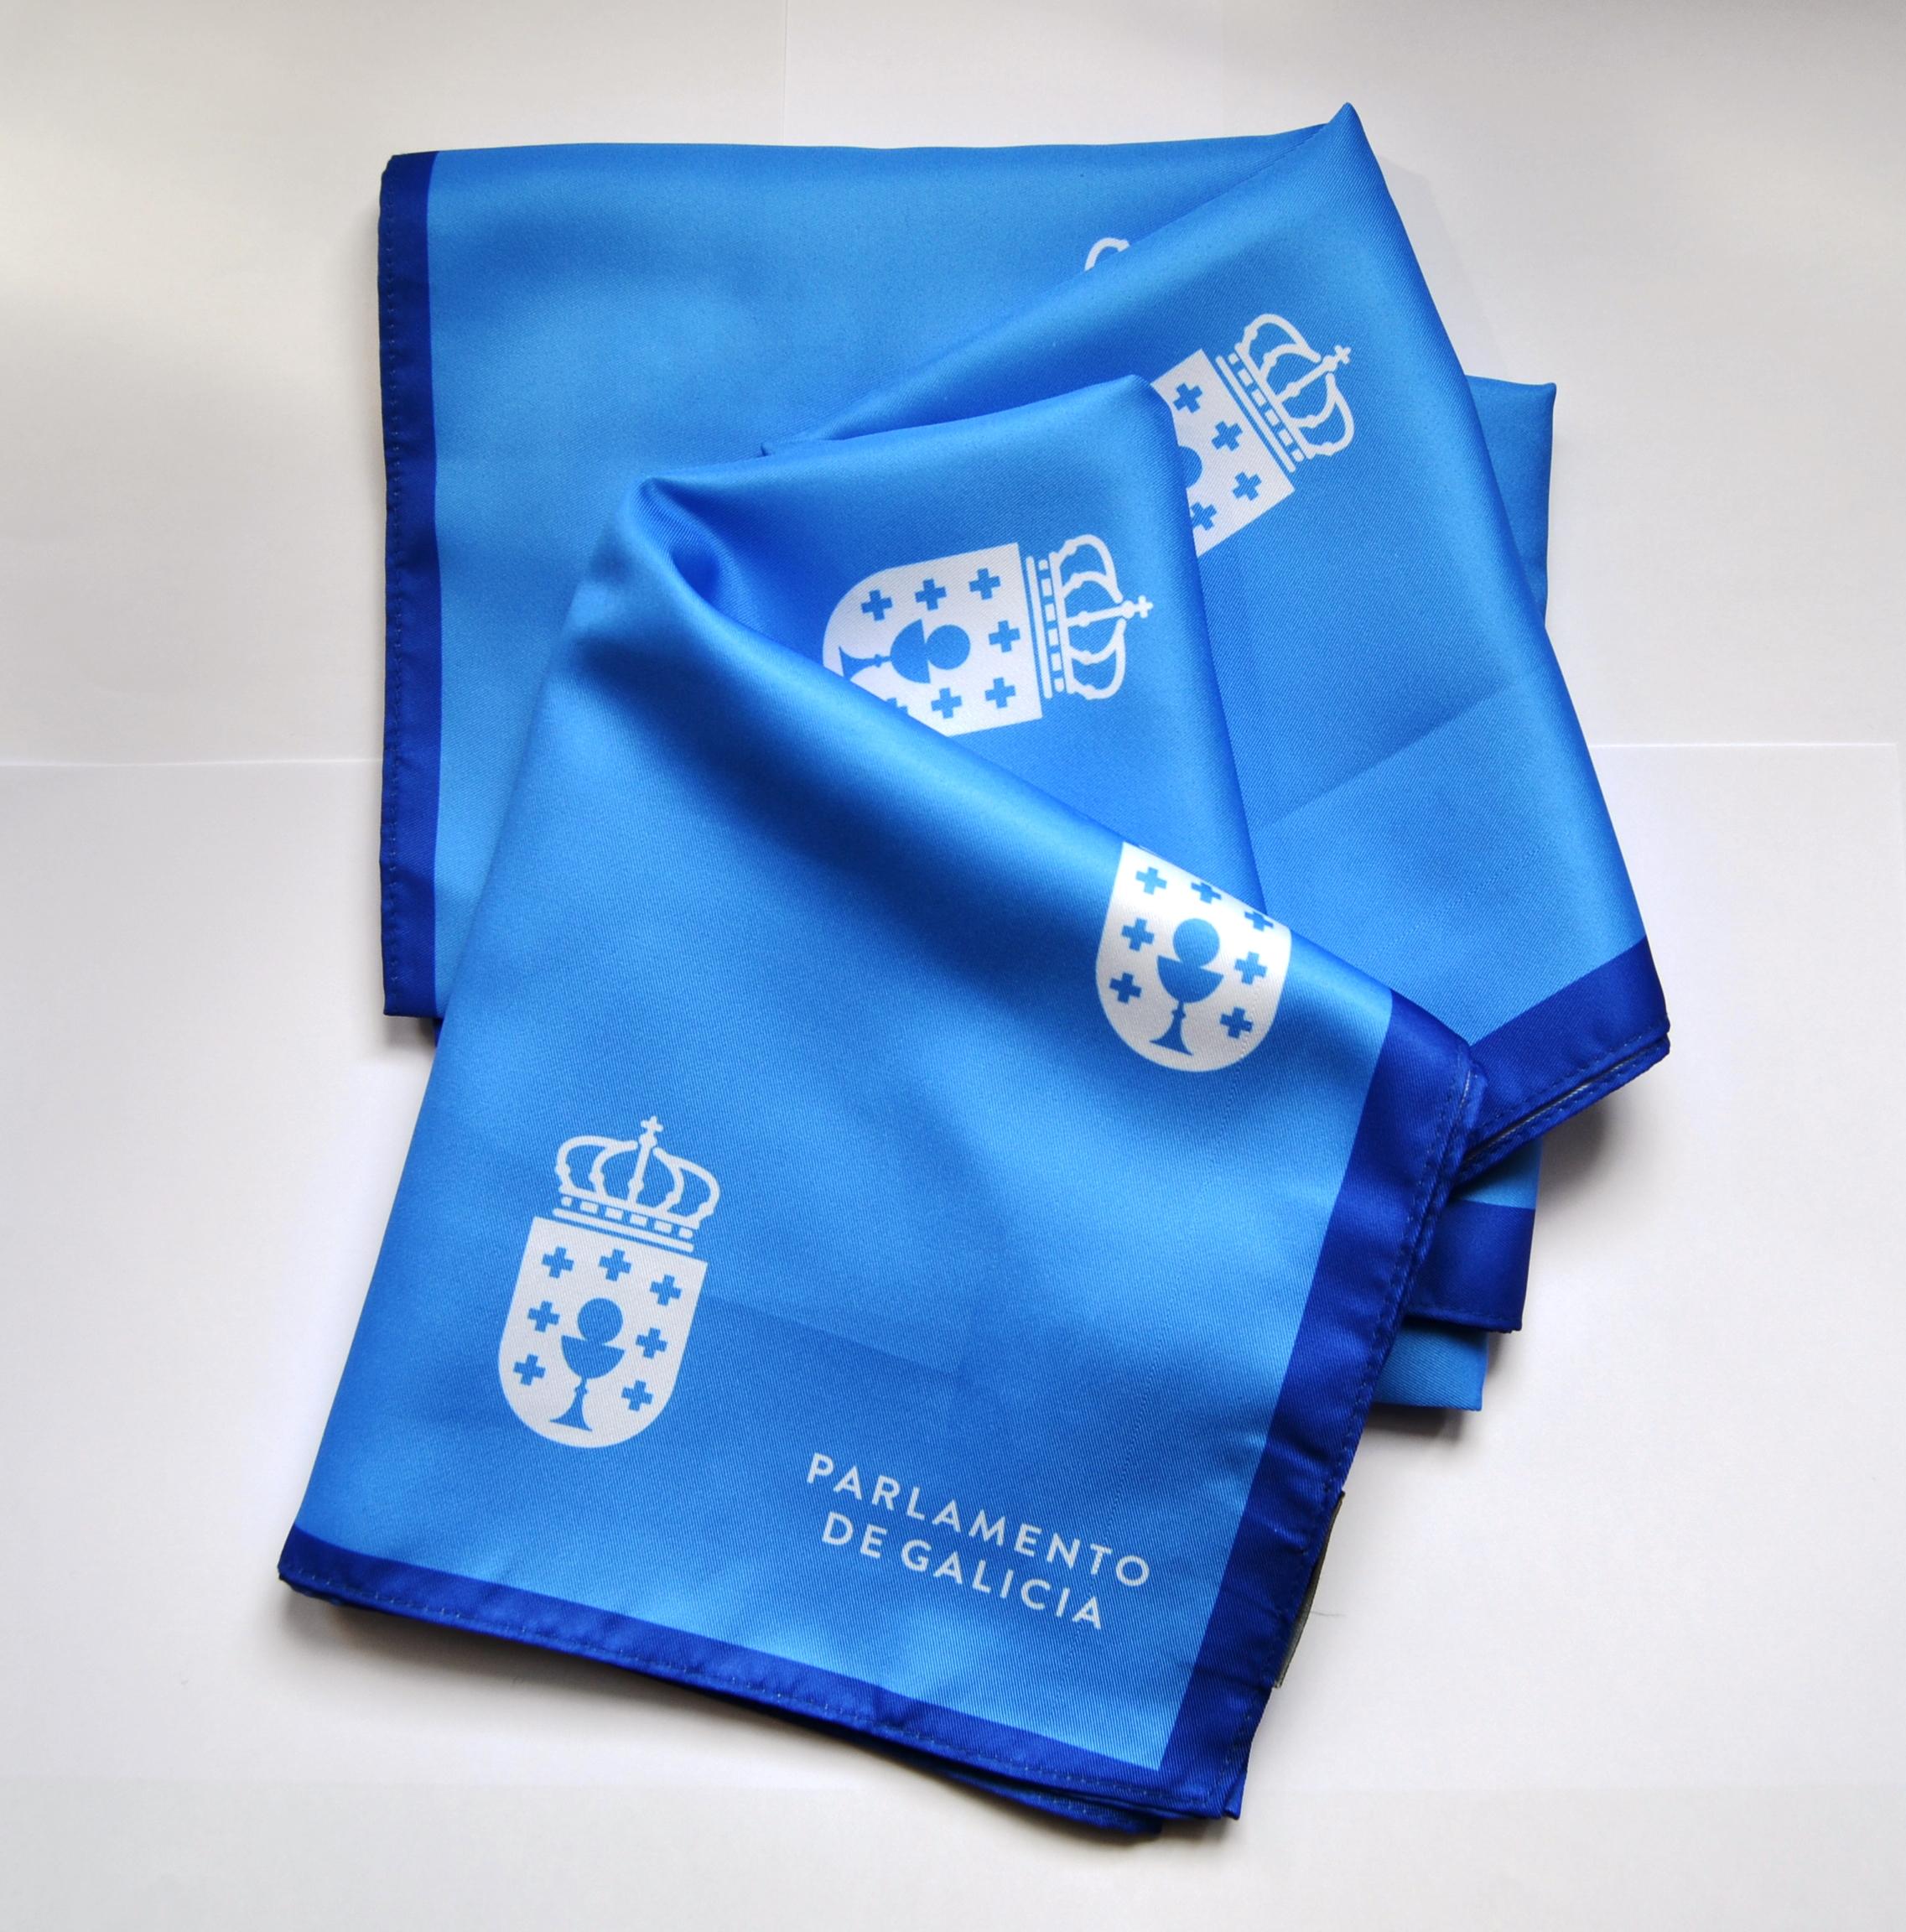 Pano de cor azul con motivo do escudo do Parlamento de Galicia